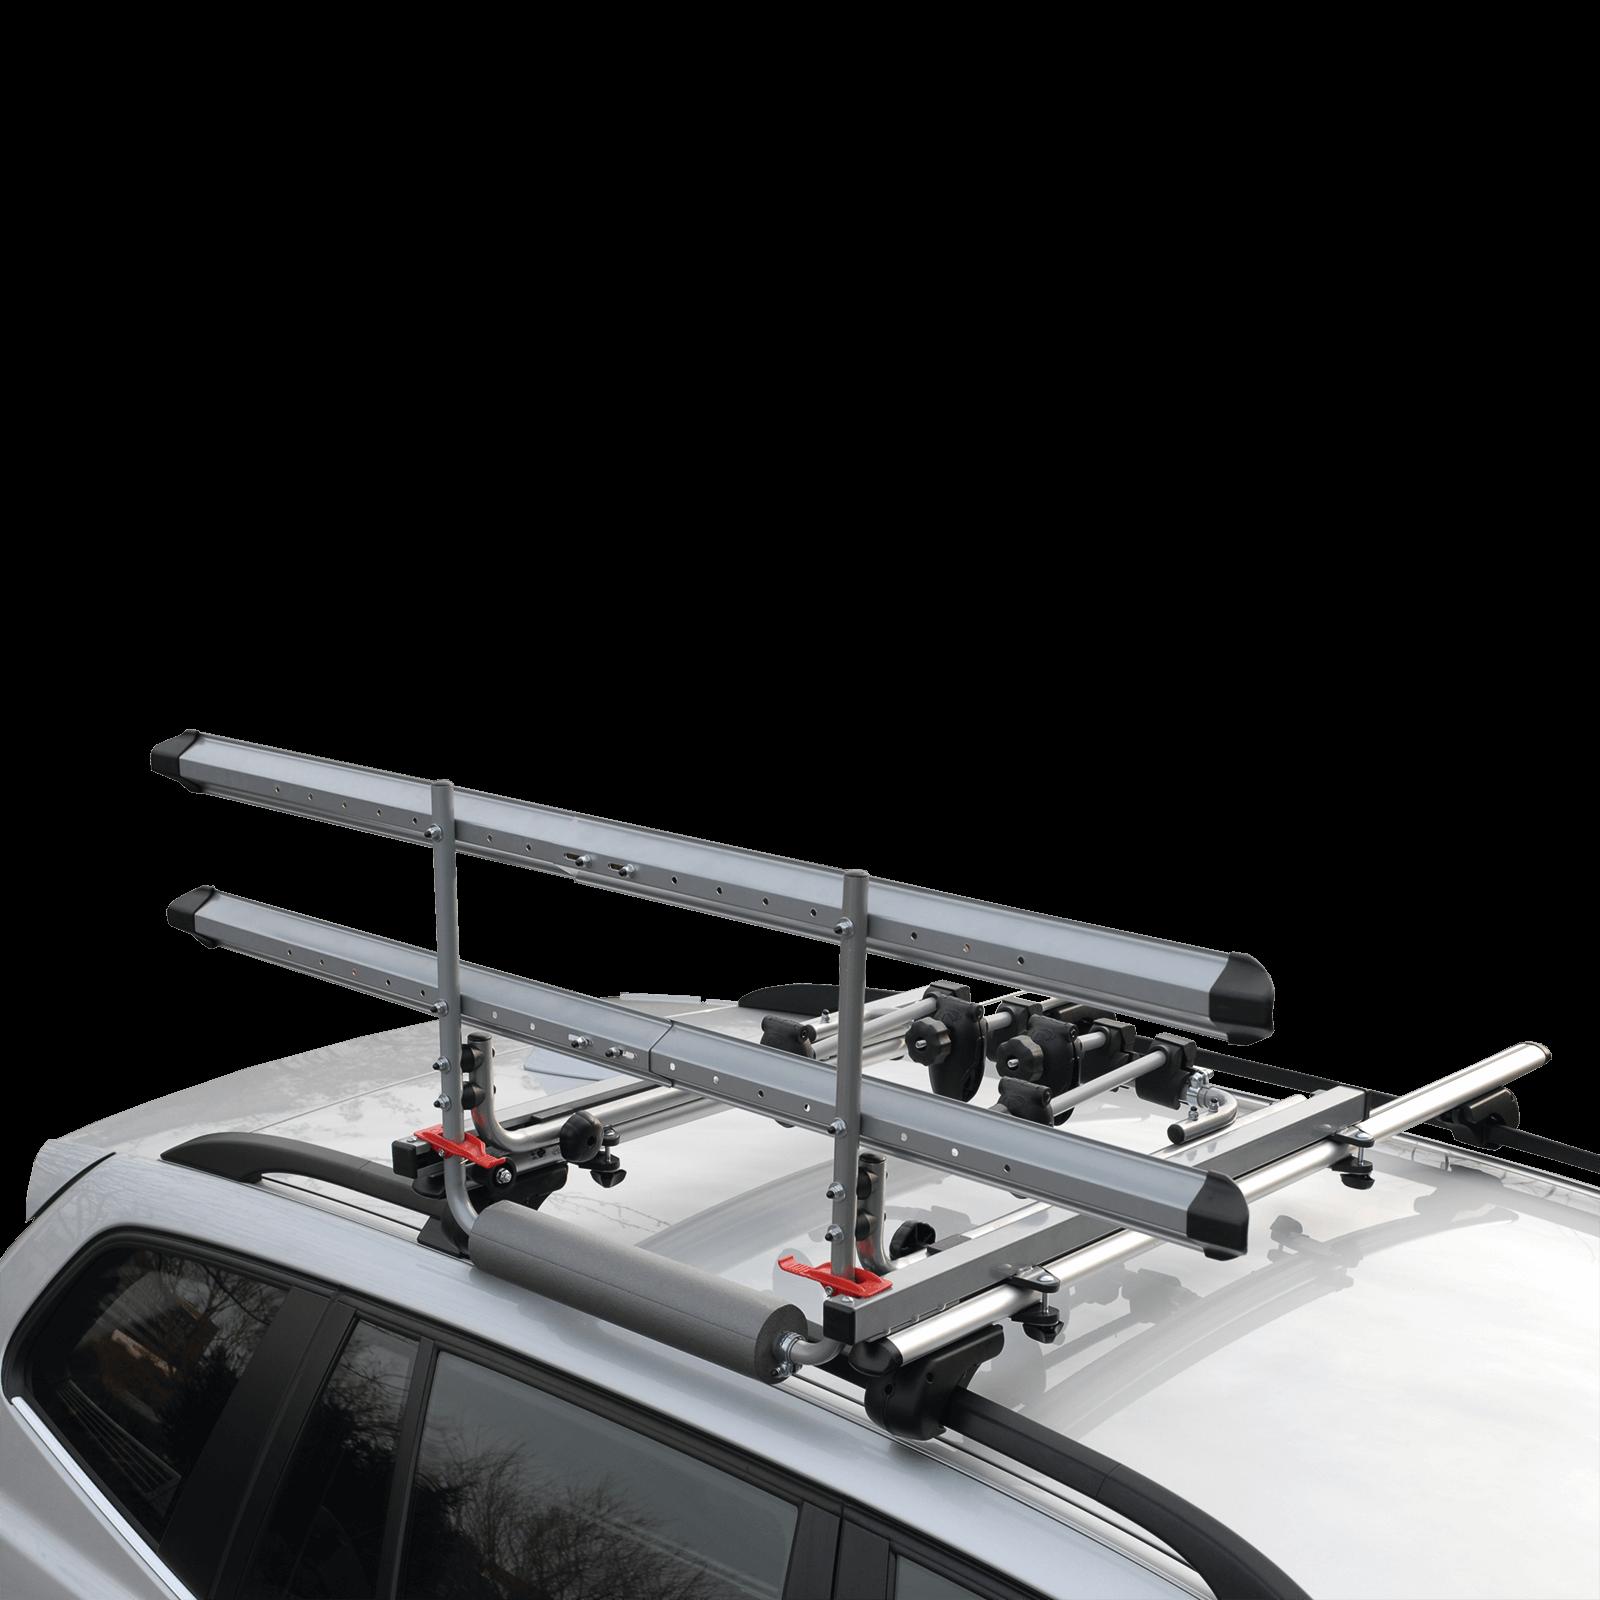 Porte velos de toit Porte velos de toit Dachlift Evolution pour 2